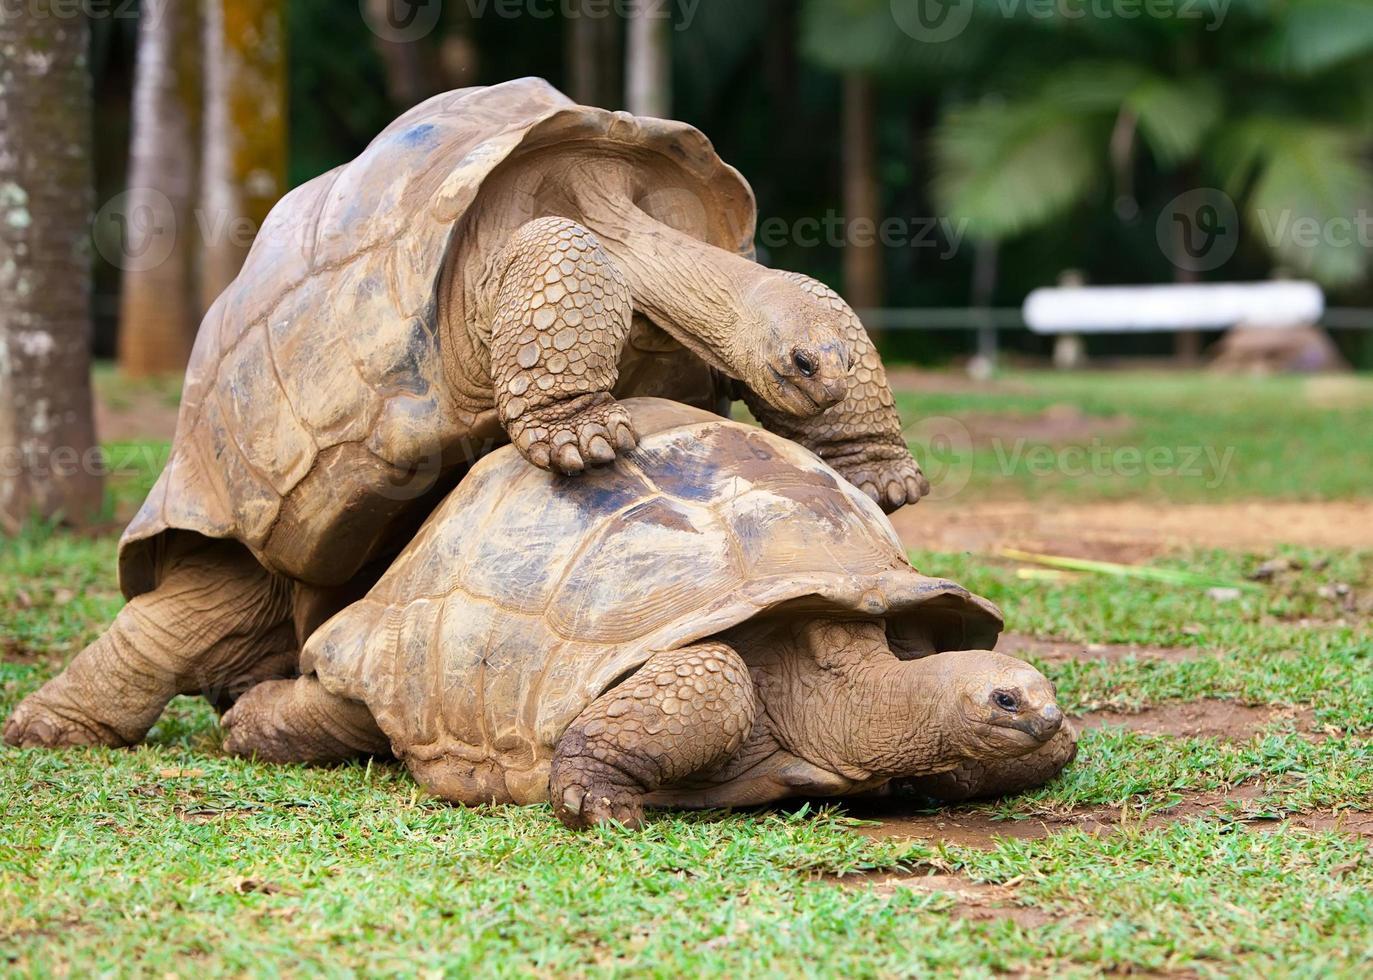 dos tortugas simpatizando entre sí foto